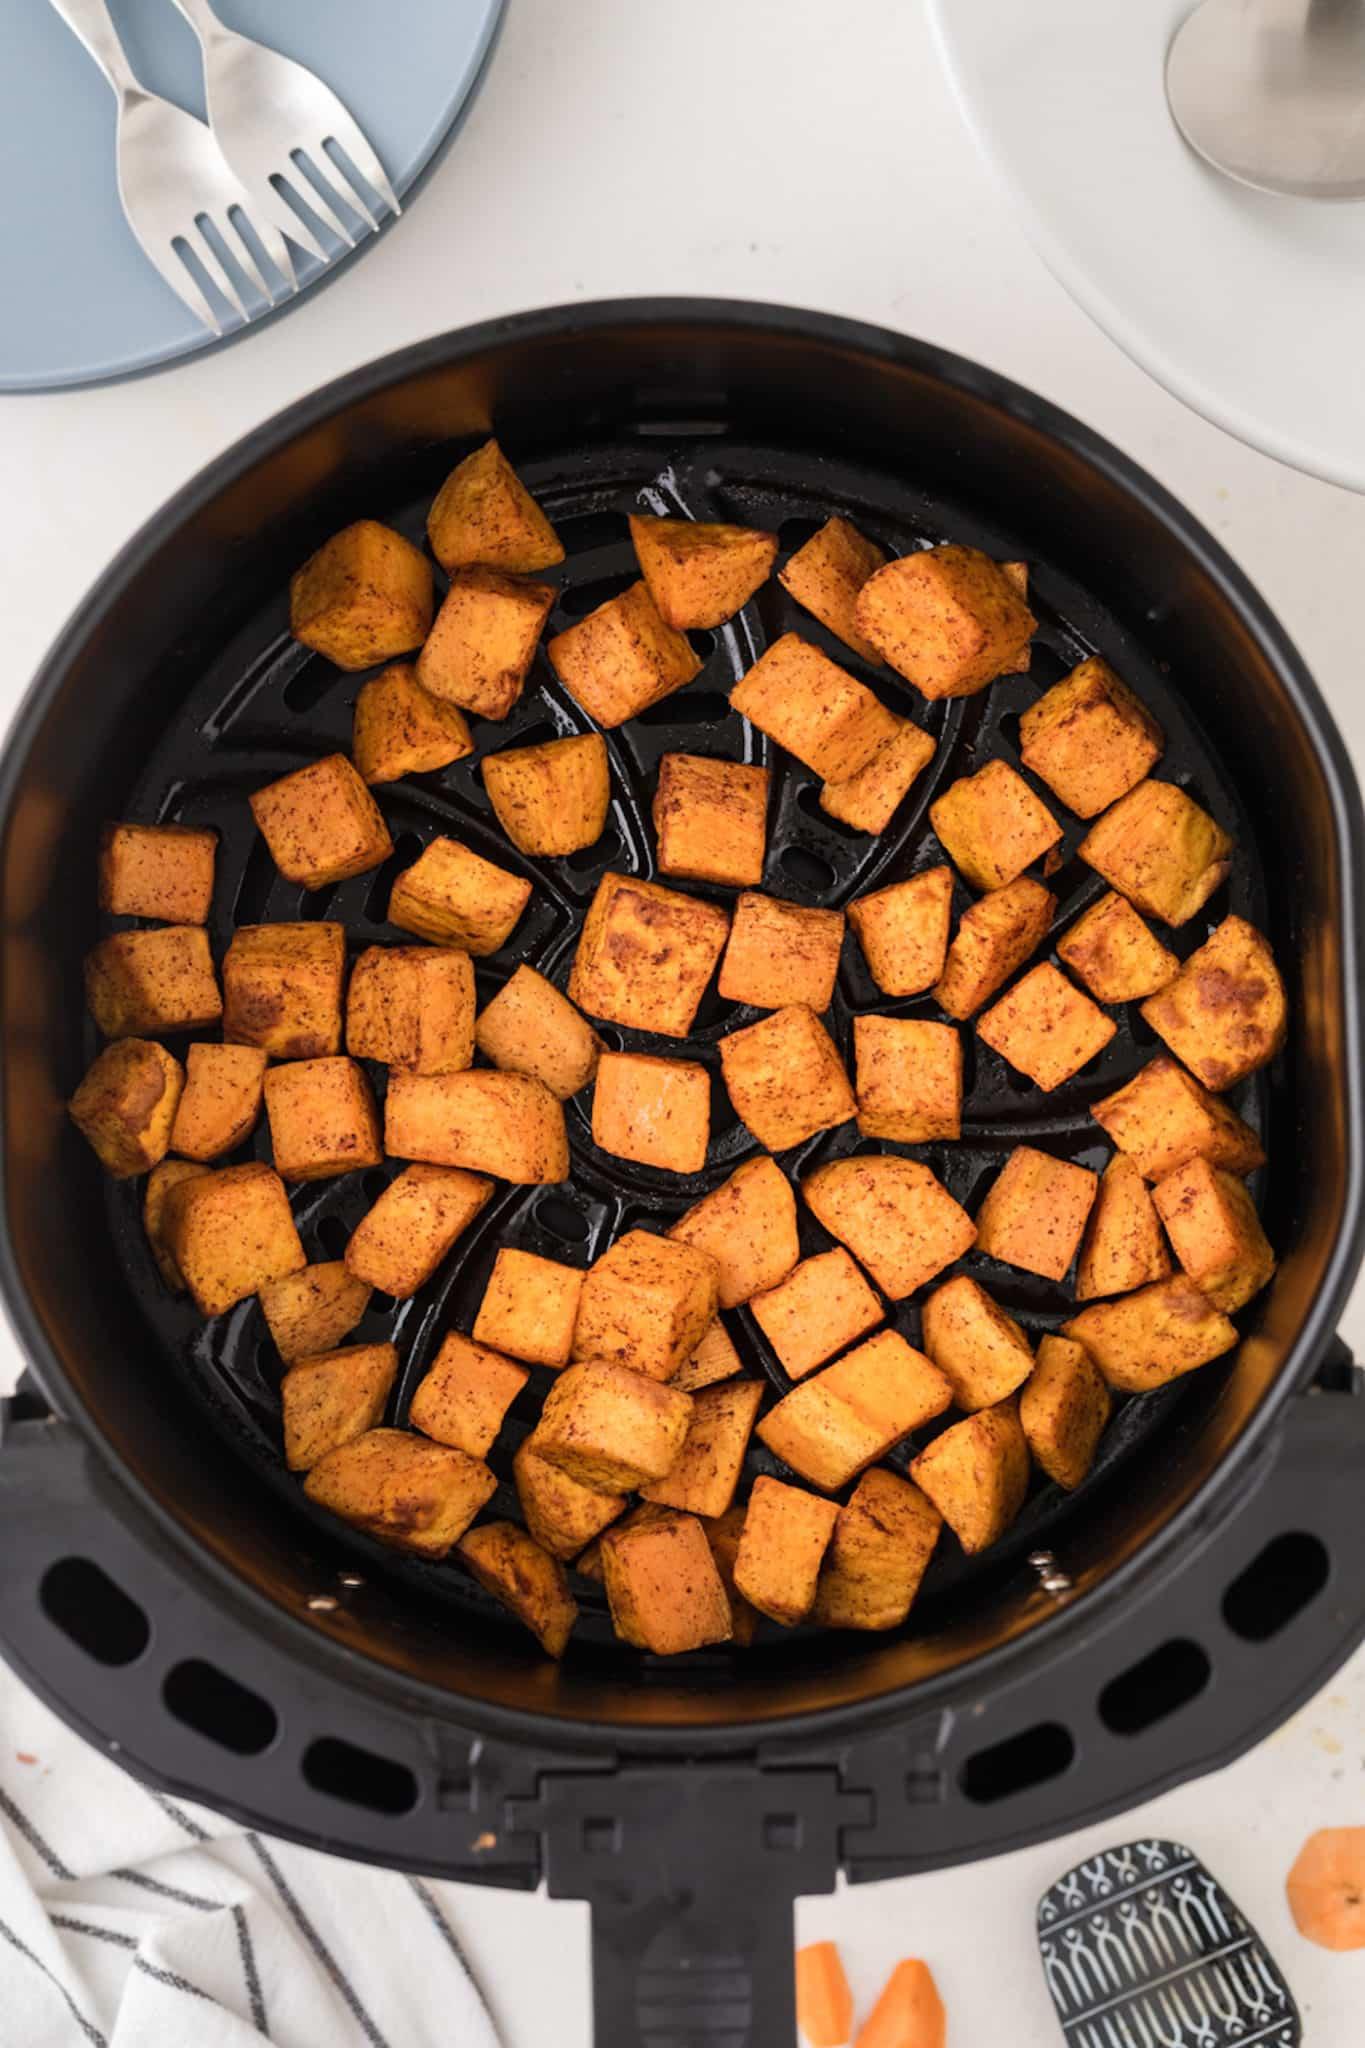 sweet potato cubes in an air fryer basket